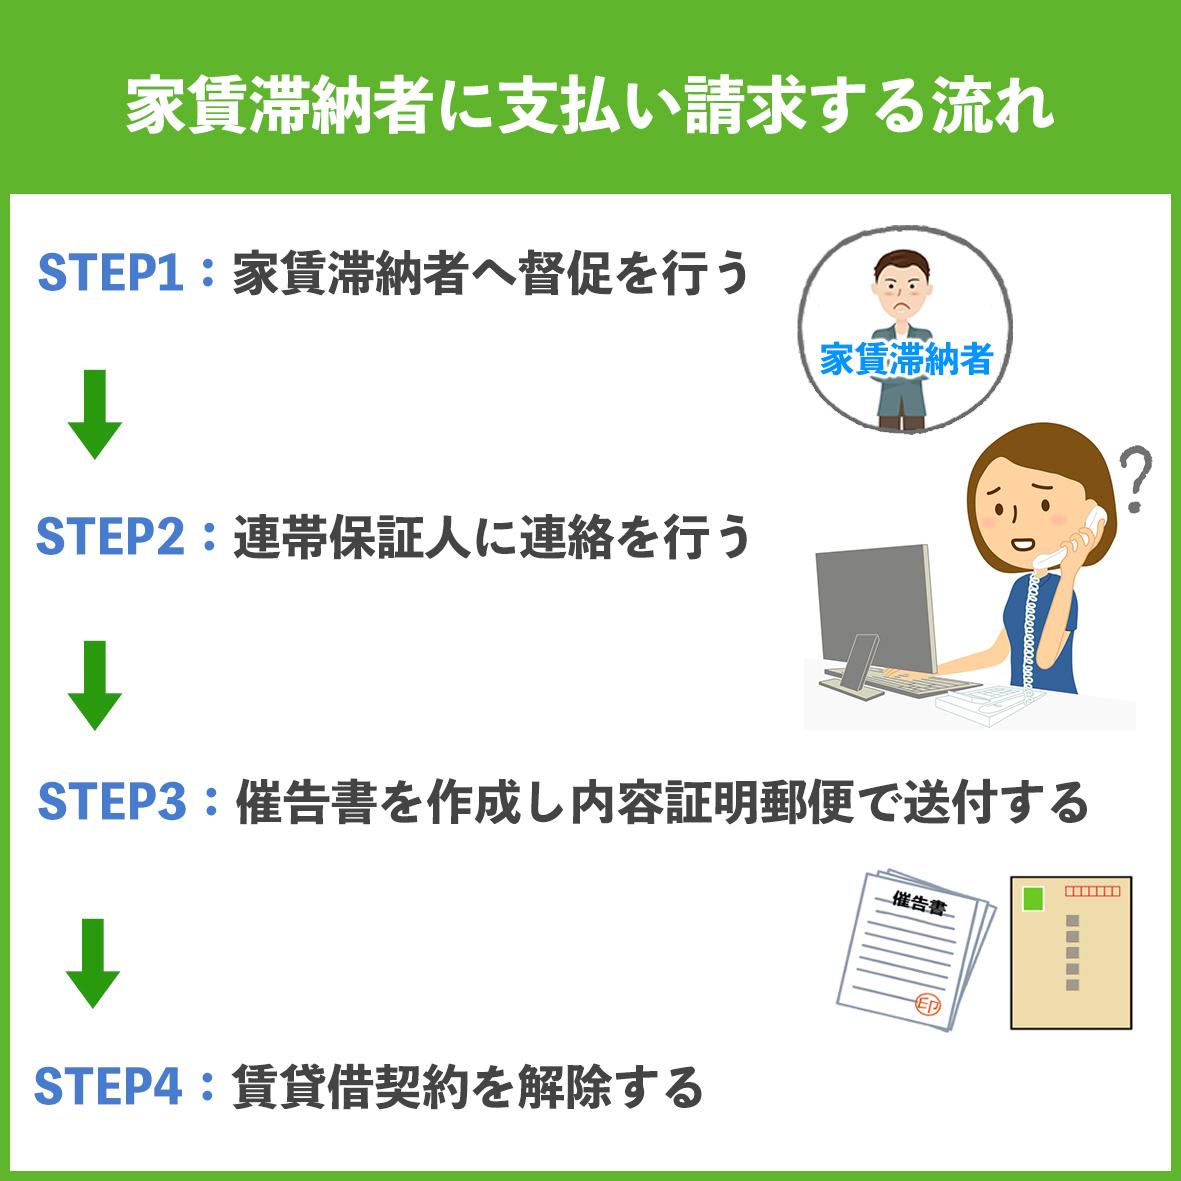 【家賃滞納者に支払い請求する流れ】STEP1:家賃滞納者へ督促を行う。STEP2:連帯保証人に連絡を行う。STEP3:催告書を作成し内容証明郵便で送付する。STEP4:賃貸借契約を解除する。